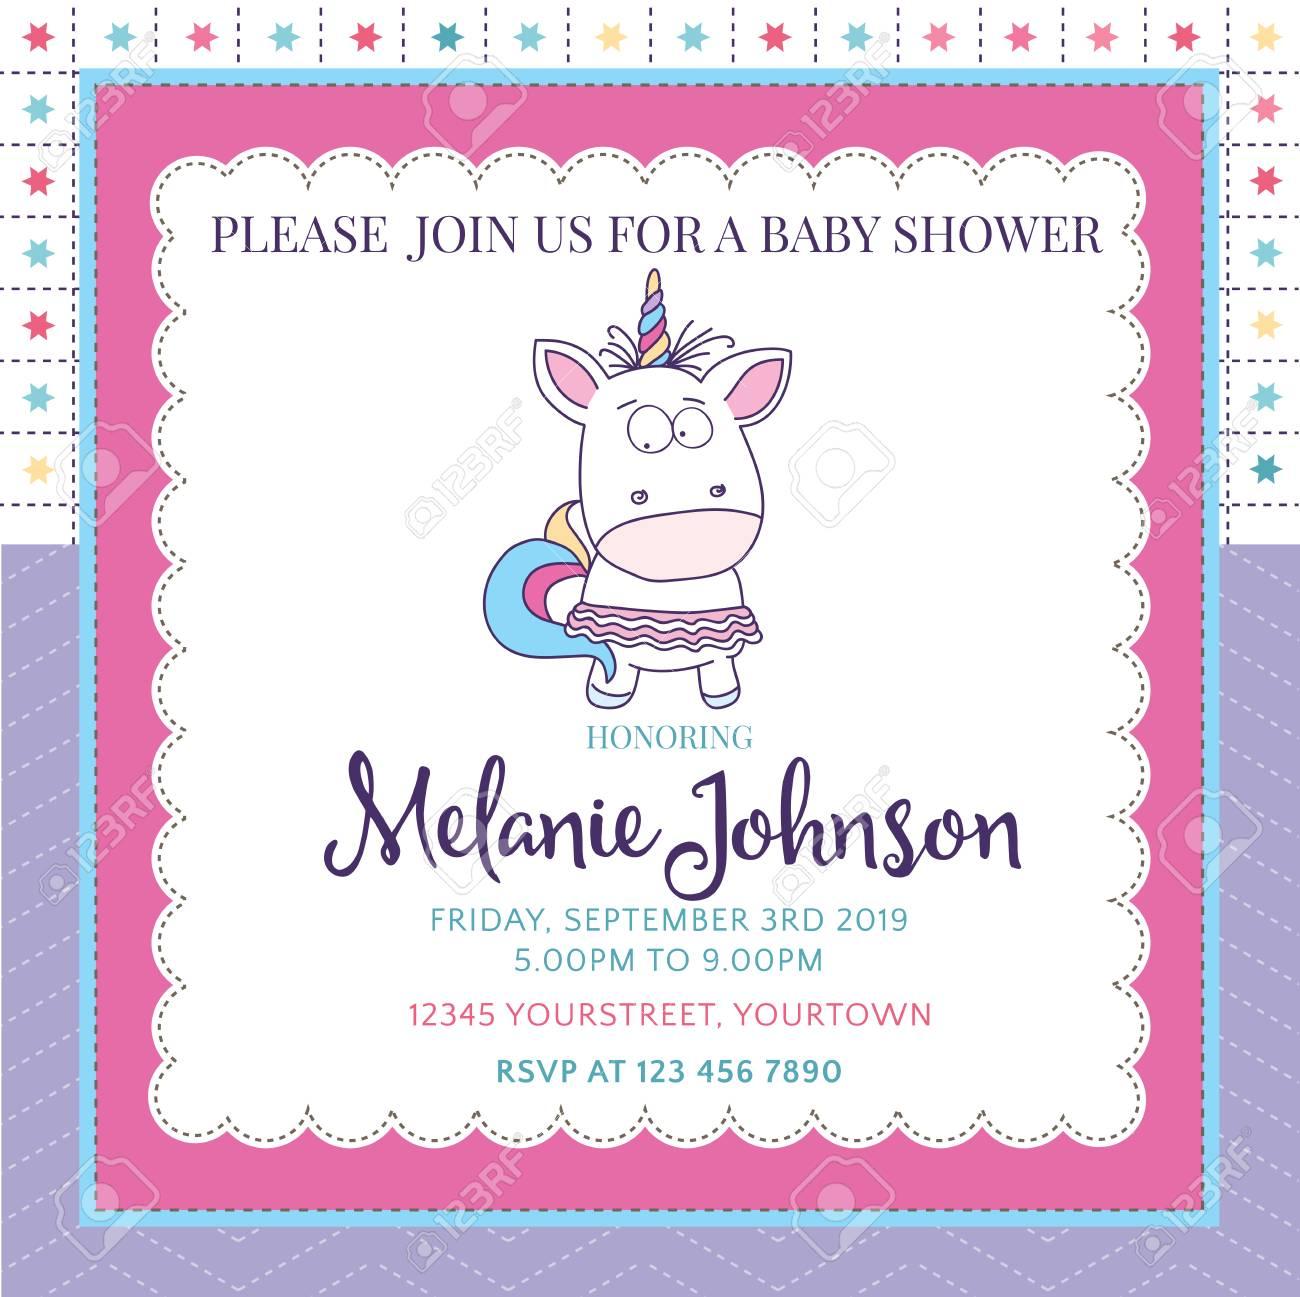 7c4368a531b73 Foto de archivo - Hermosa plantilla de tarjeta de baby shower con un  hermoso bebé unicornio.